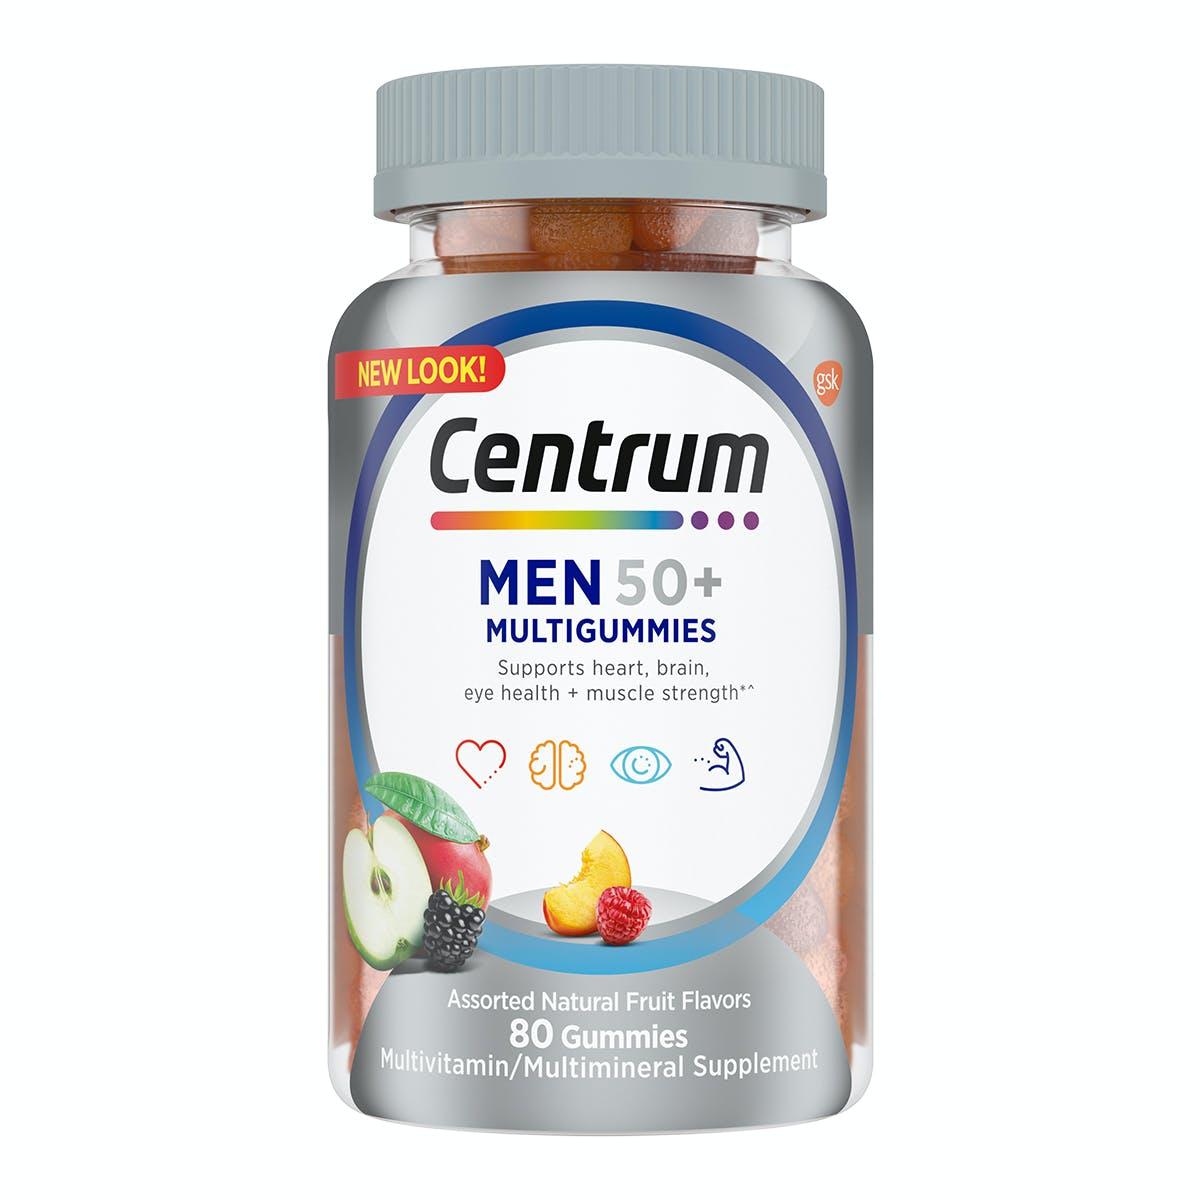 Bottle of Centrum Multigummies Men 50plus